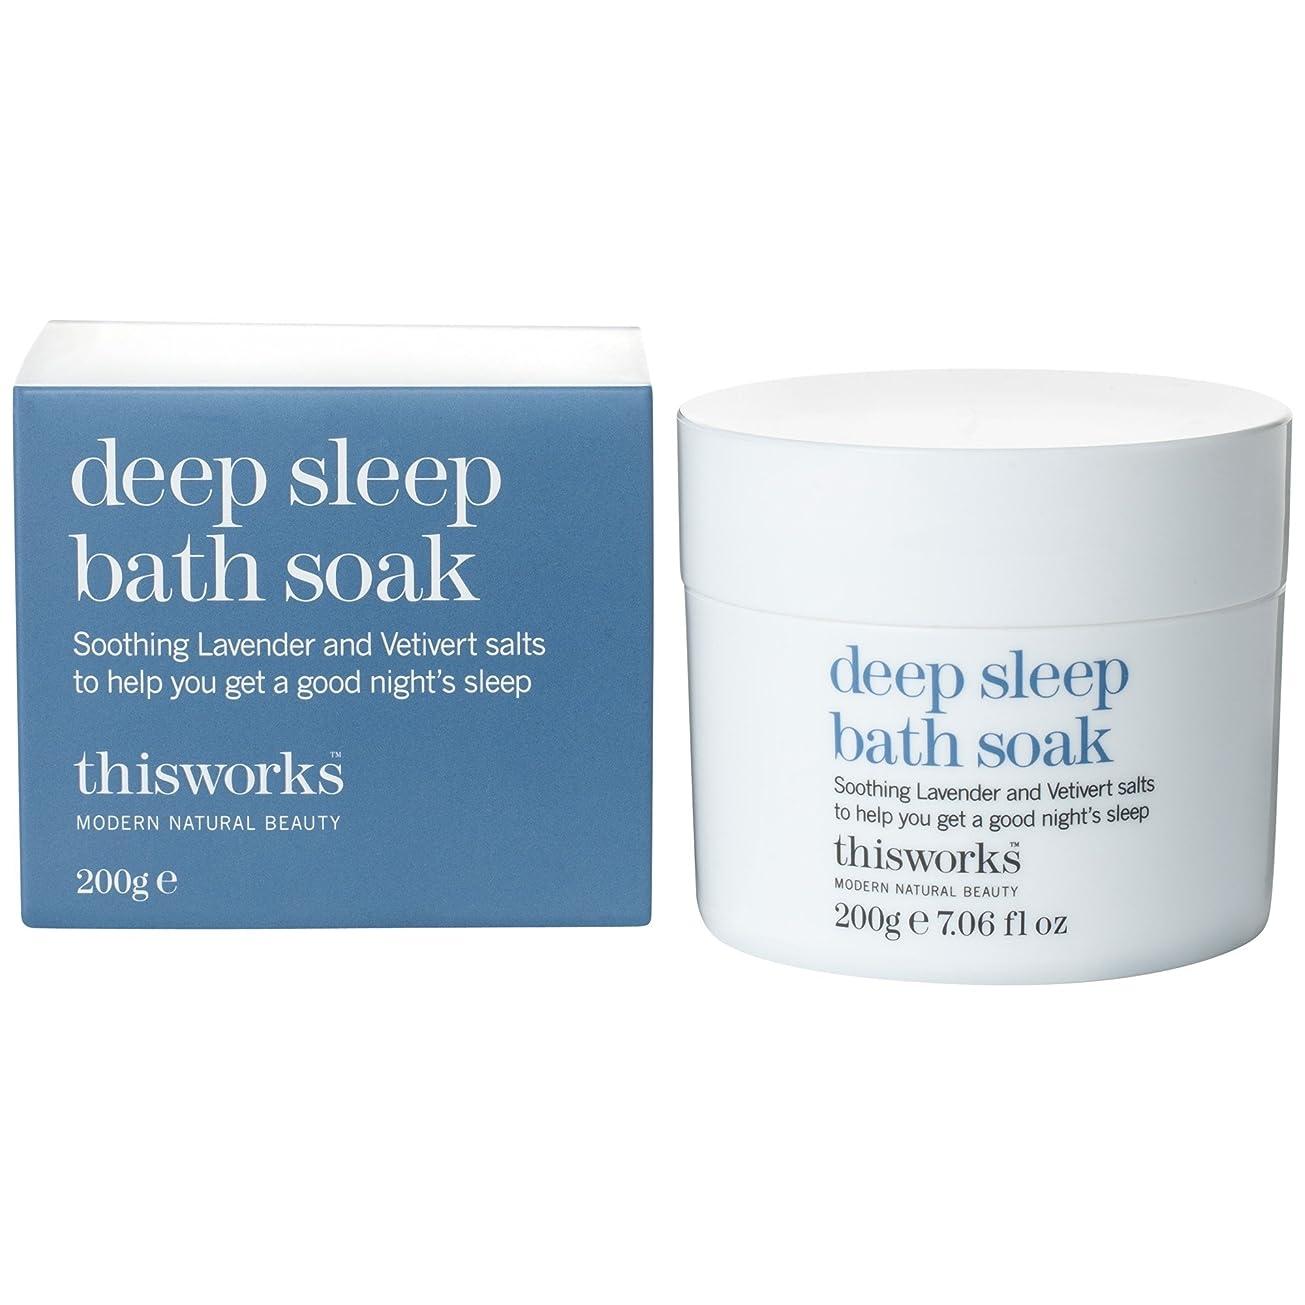 できる気絶させる一時的これは、深い眠り浴が200グラムを浸す働きます (This Works) - This Works Deep Sleep Bath Soak 200g [並行輸入品]